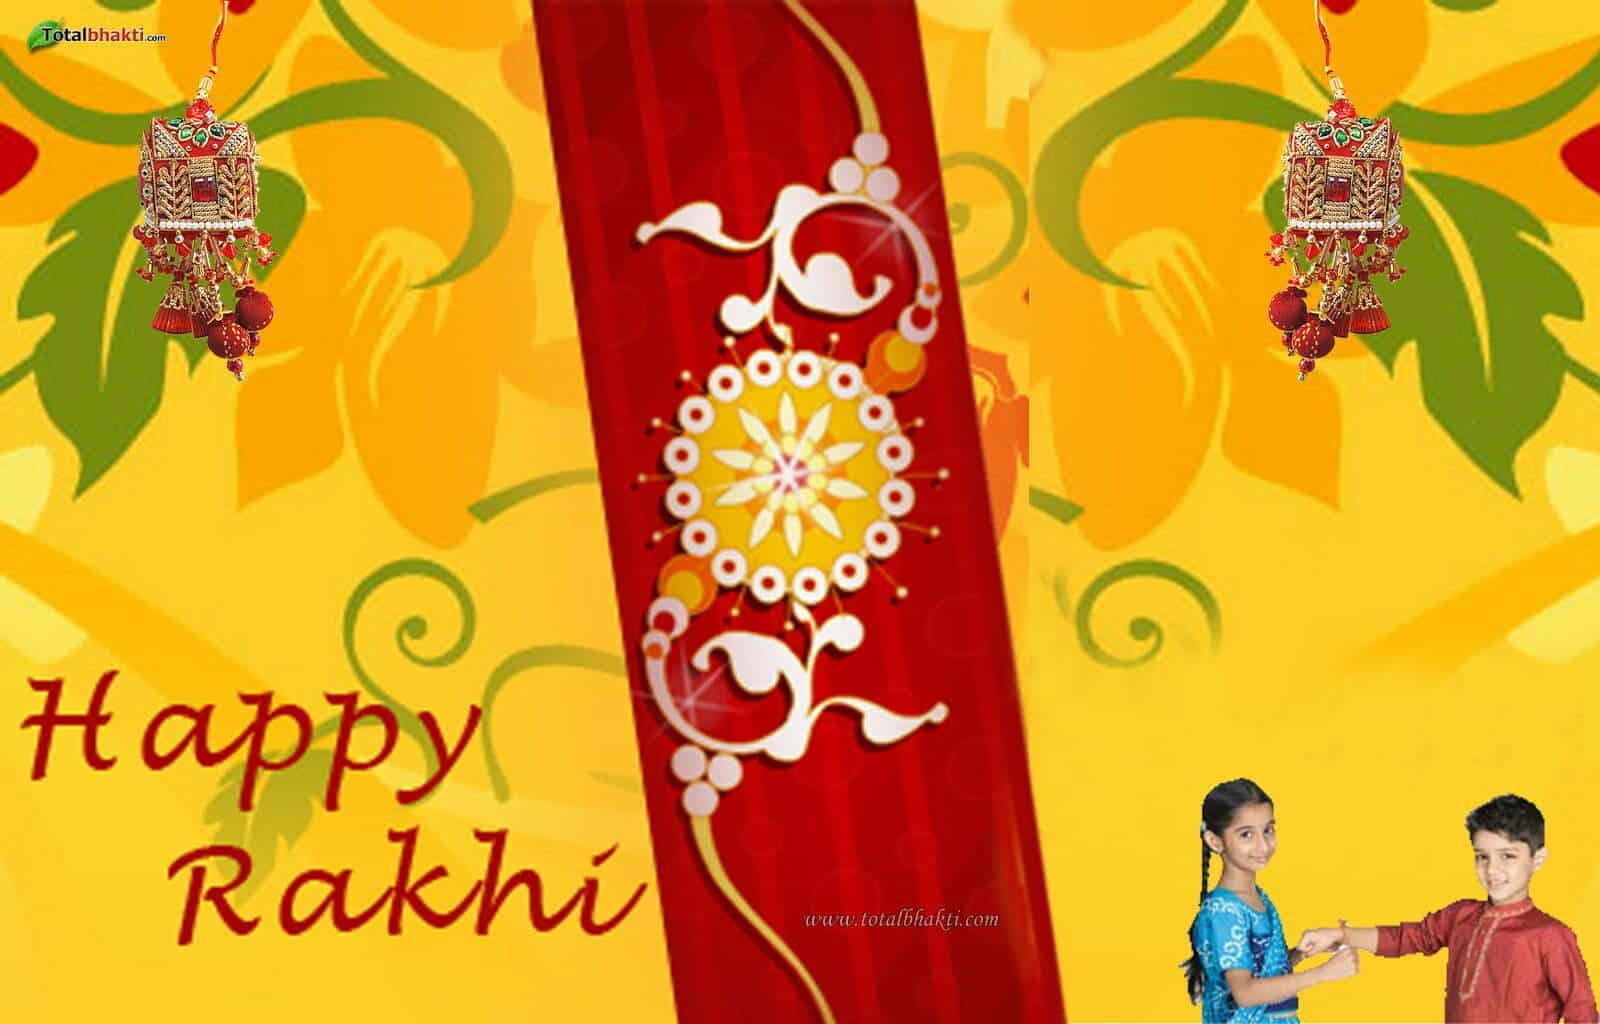 Raksha Bandhan Images To Brother